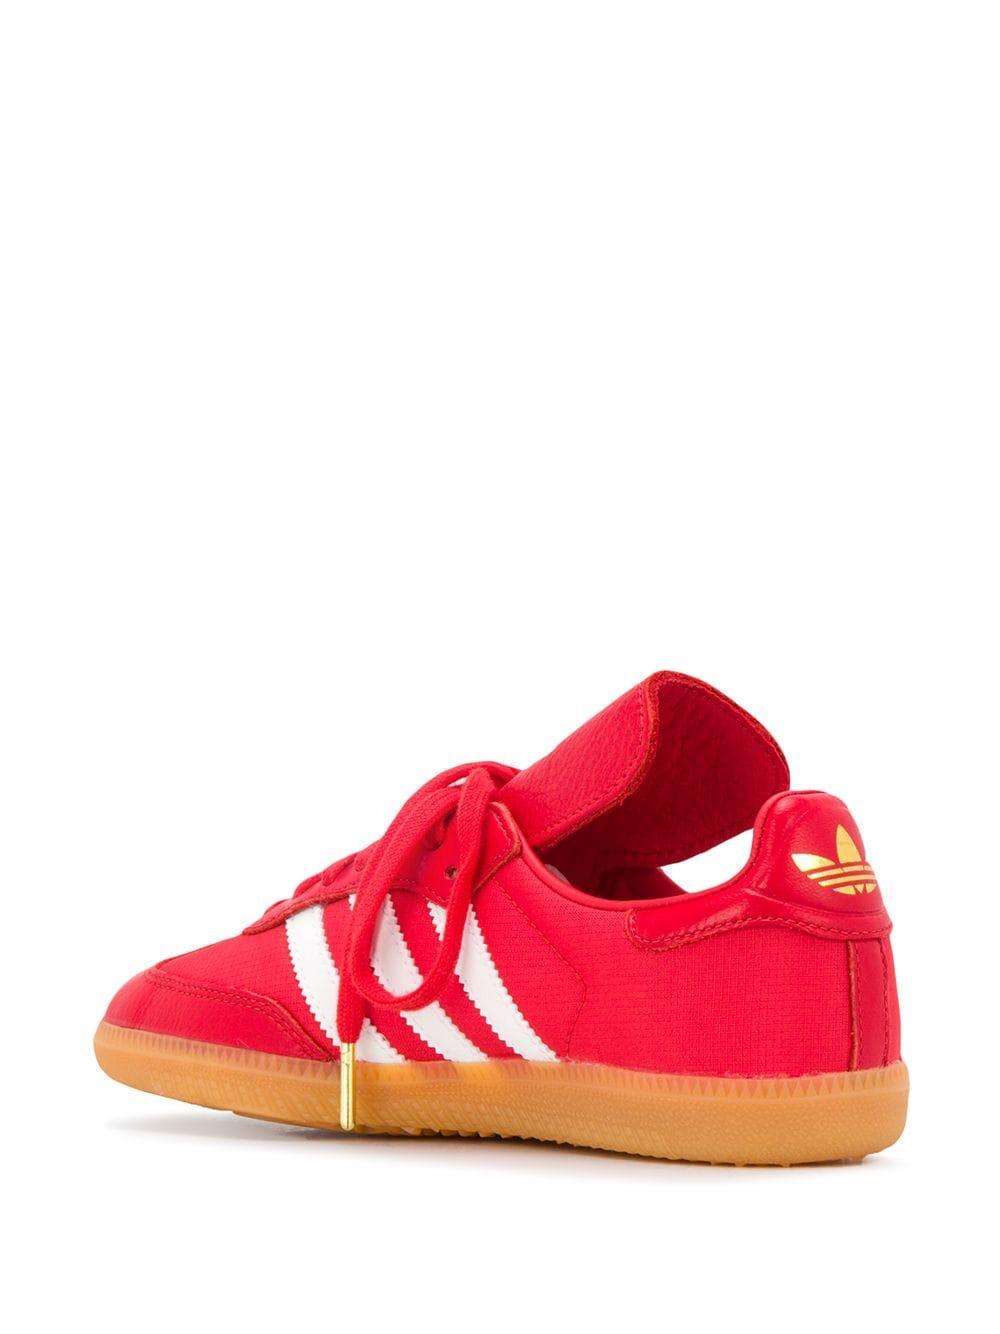 Unødvendig Pointer aktivt adidas samba red Blive ved Bar Inficere